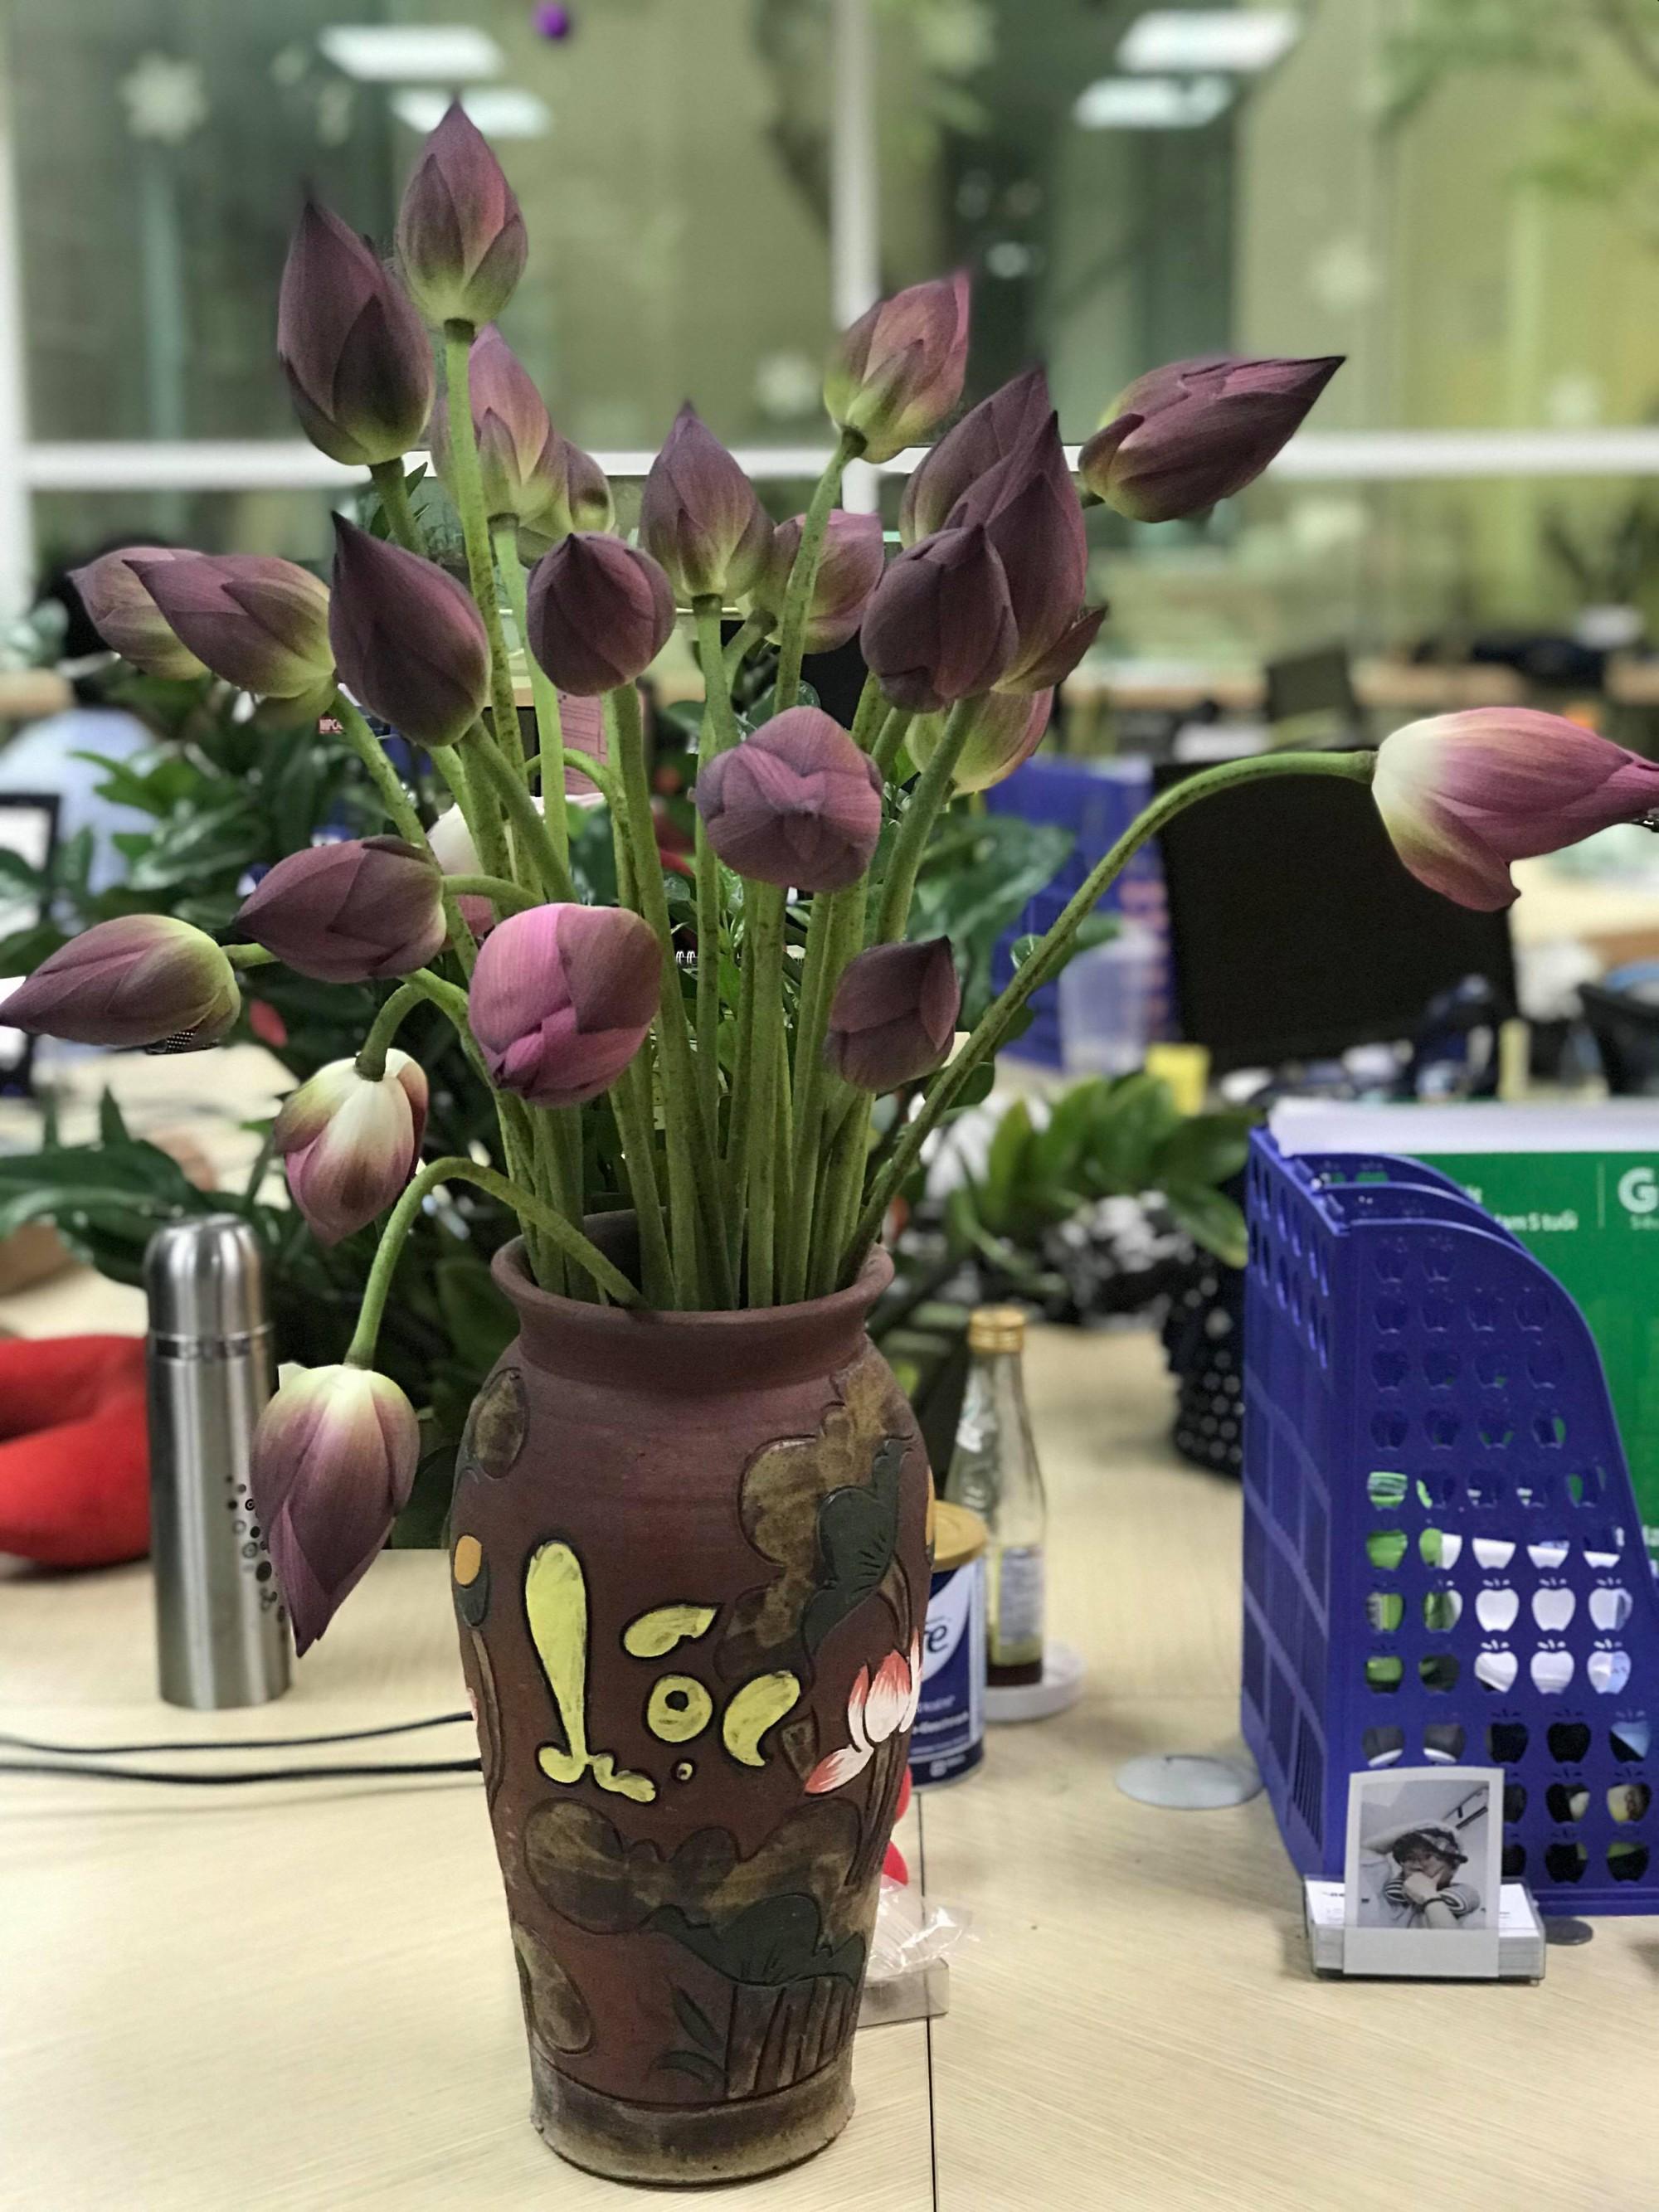 Mùa sen về, nếu còn nhầm lẫn tai hại giữa hoa sen & hoa quỳ khi mua, chị em hãy thuộc lòng 7 bí quyết sau! - Ảnh 8.